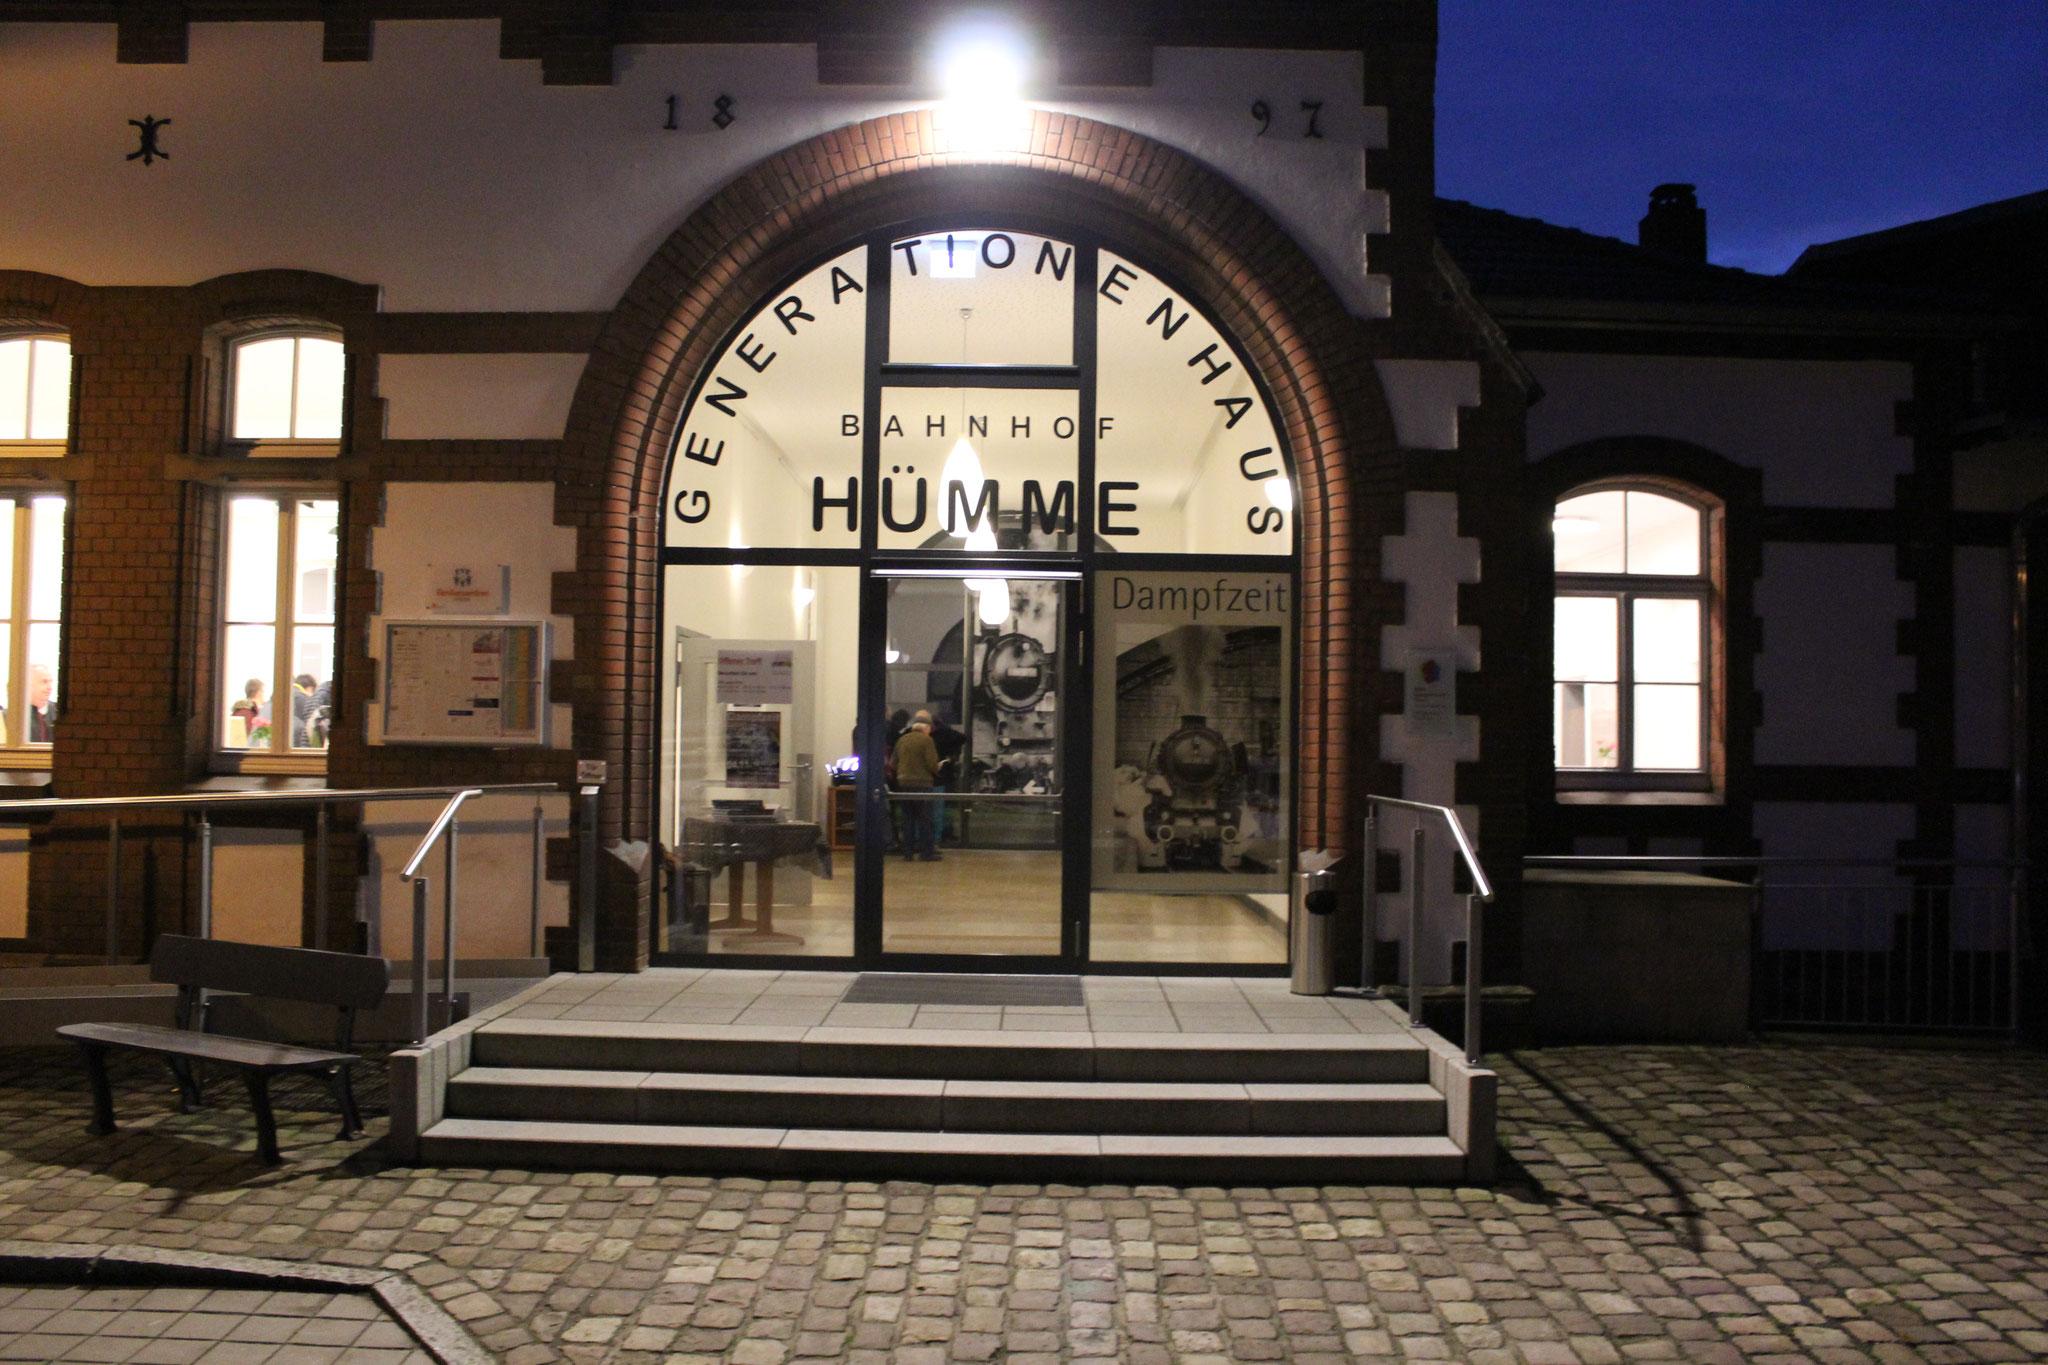 Der Bahnhof Hümme eignet sich hervorragend für die Dampfzeit-Ausstellung.